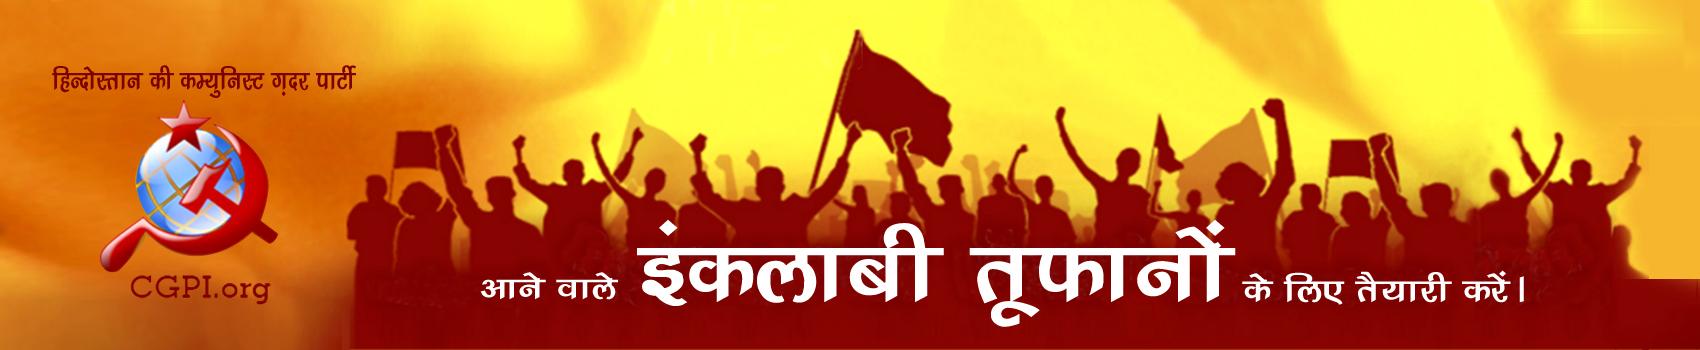 Hindi CGPI